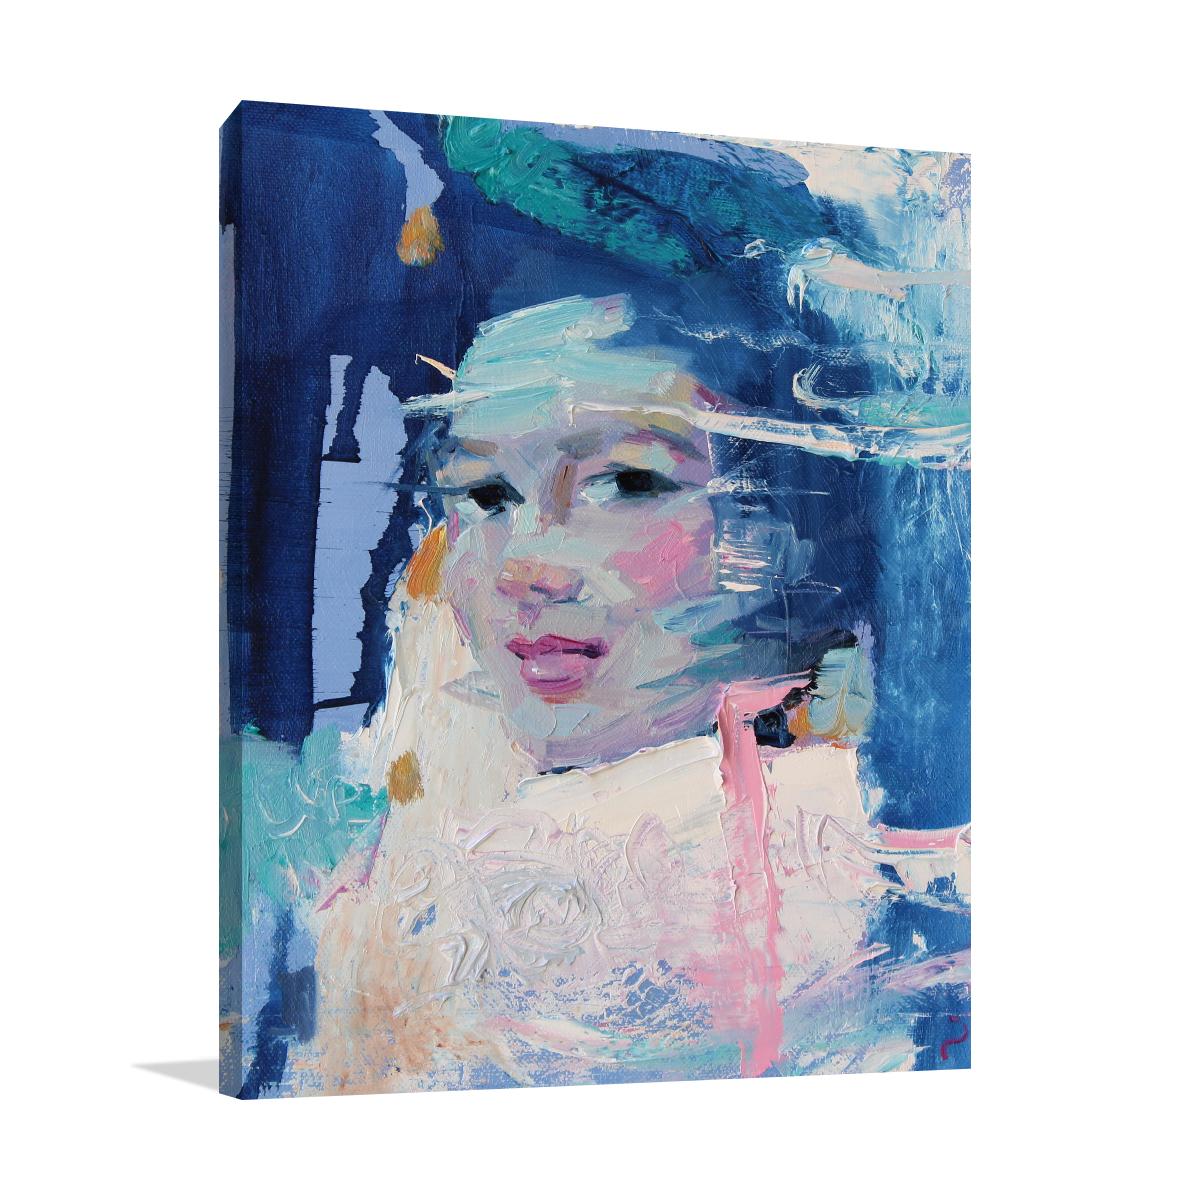 Li Zhou Paintings Online | Surreal 3